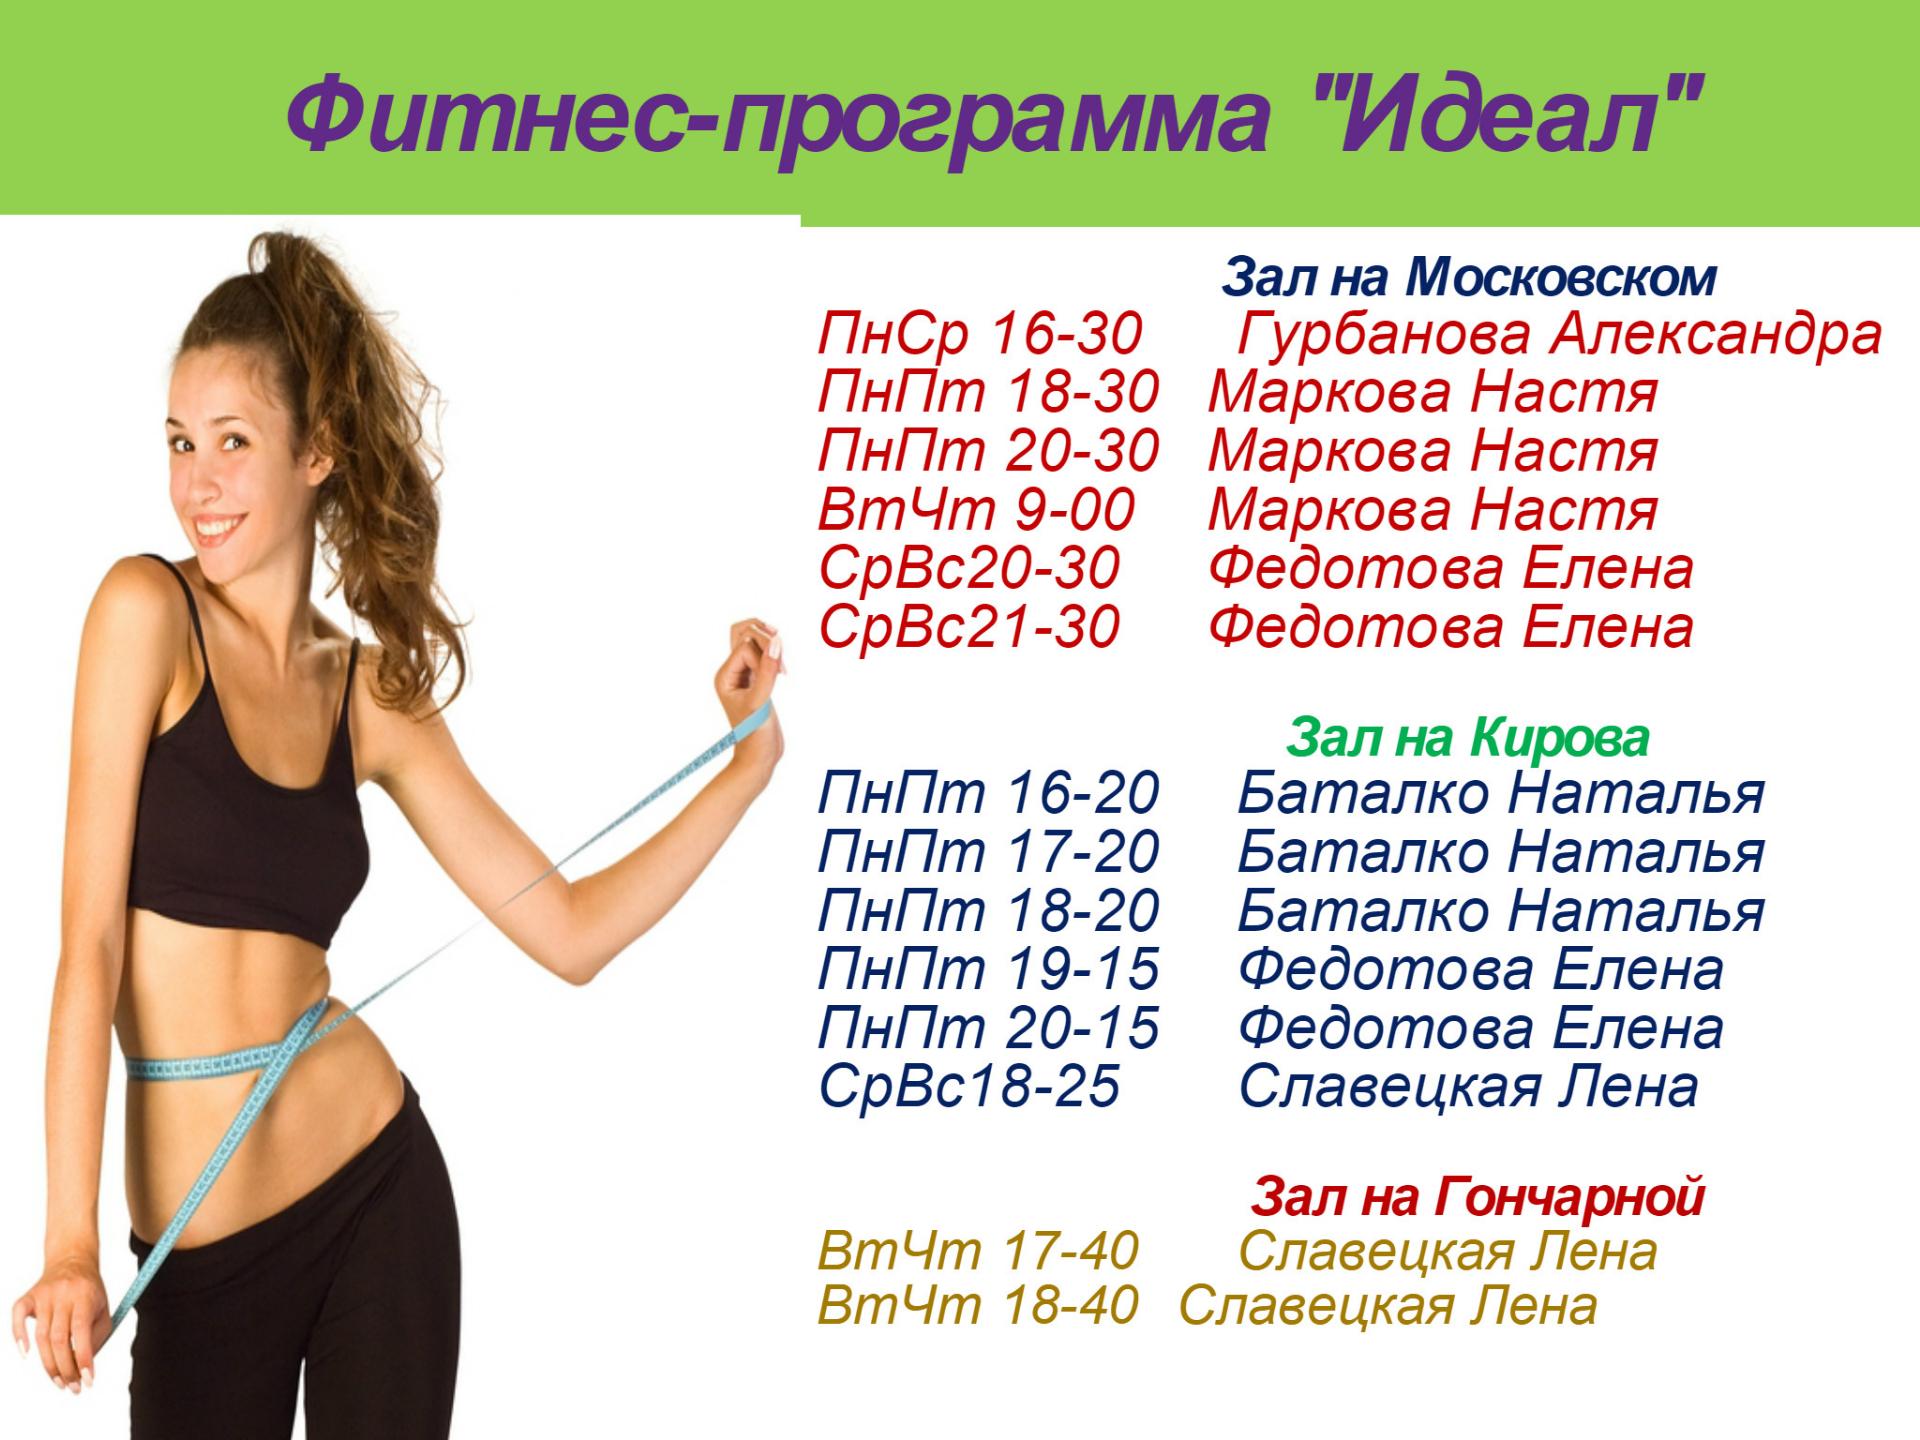 Фитнес План Для Быстрого Похудения. Похудеть за месяц. Программа тренировок и план питания